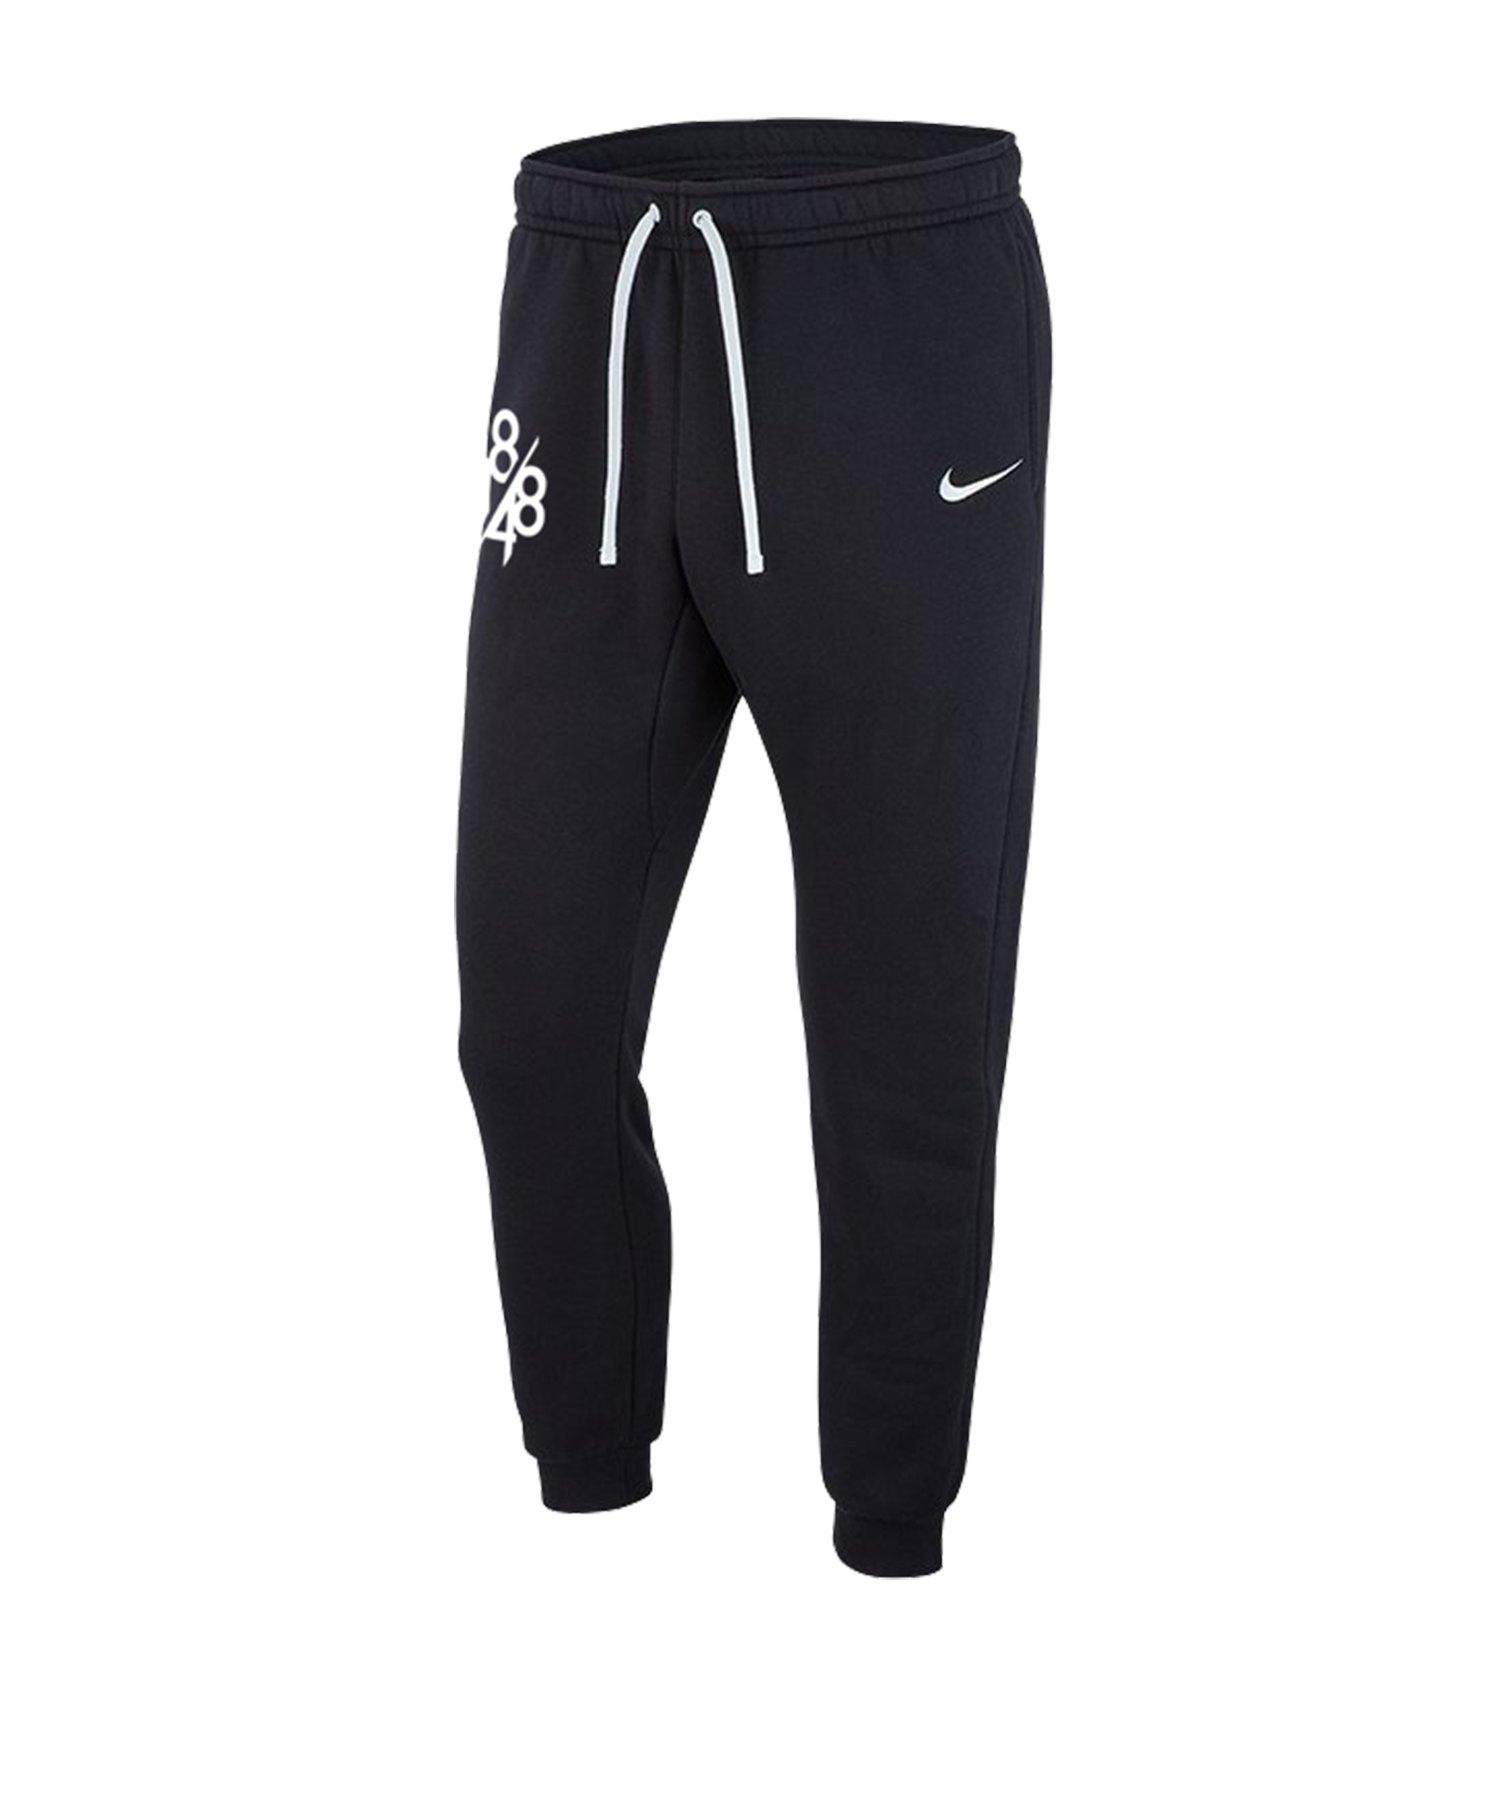 Nike VfL Bochum Jogginghose Kids Schwarz F010 - schwarz